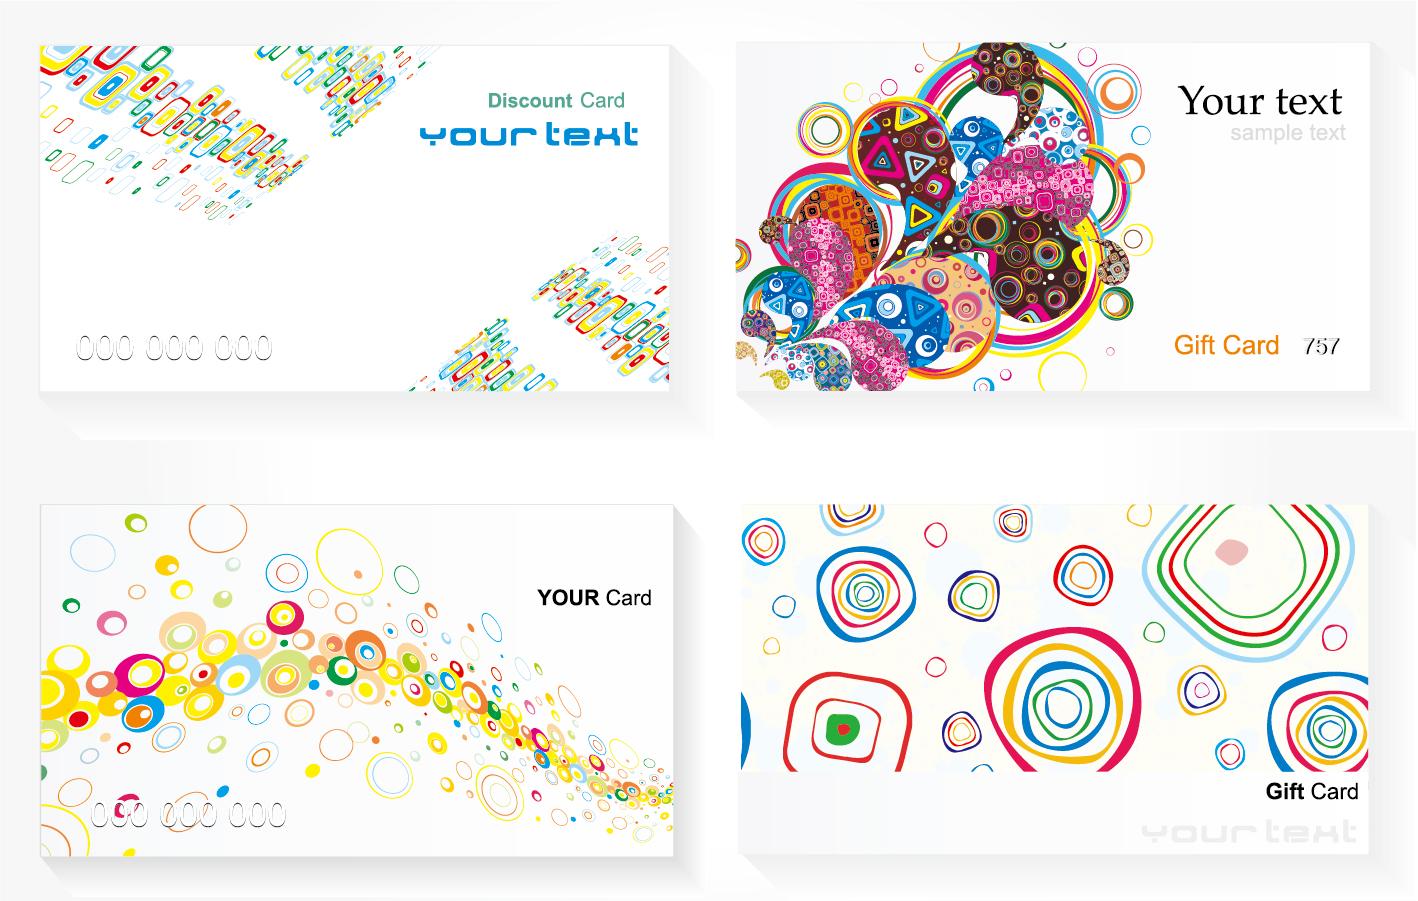 グローバルフォント フォント飾り : 流行のカード デザイン ...